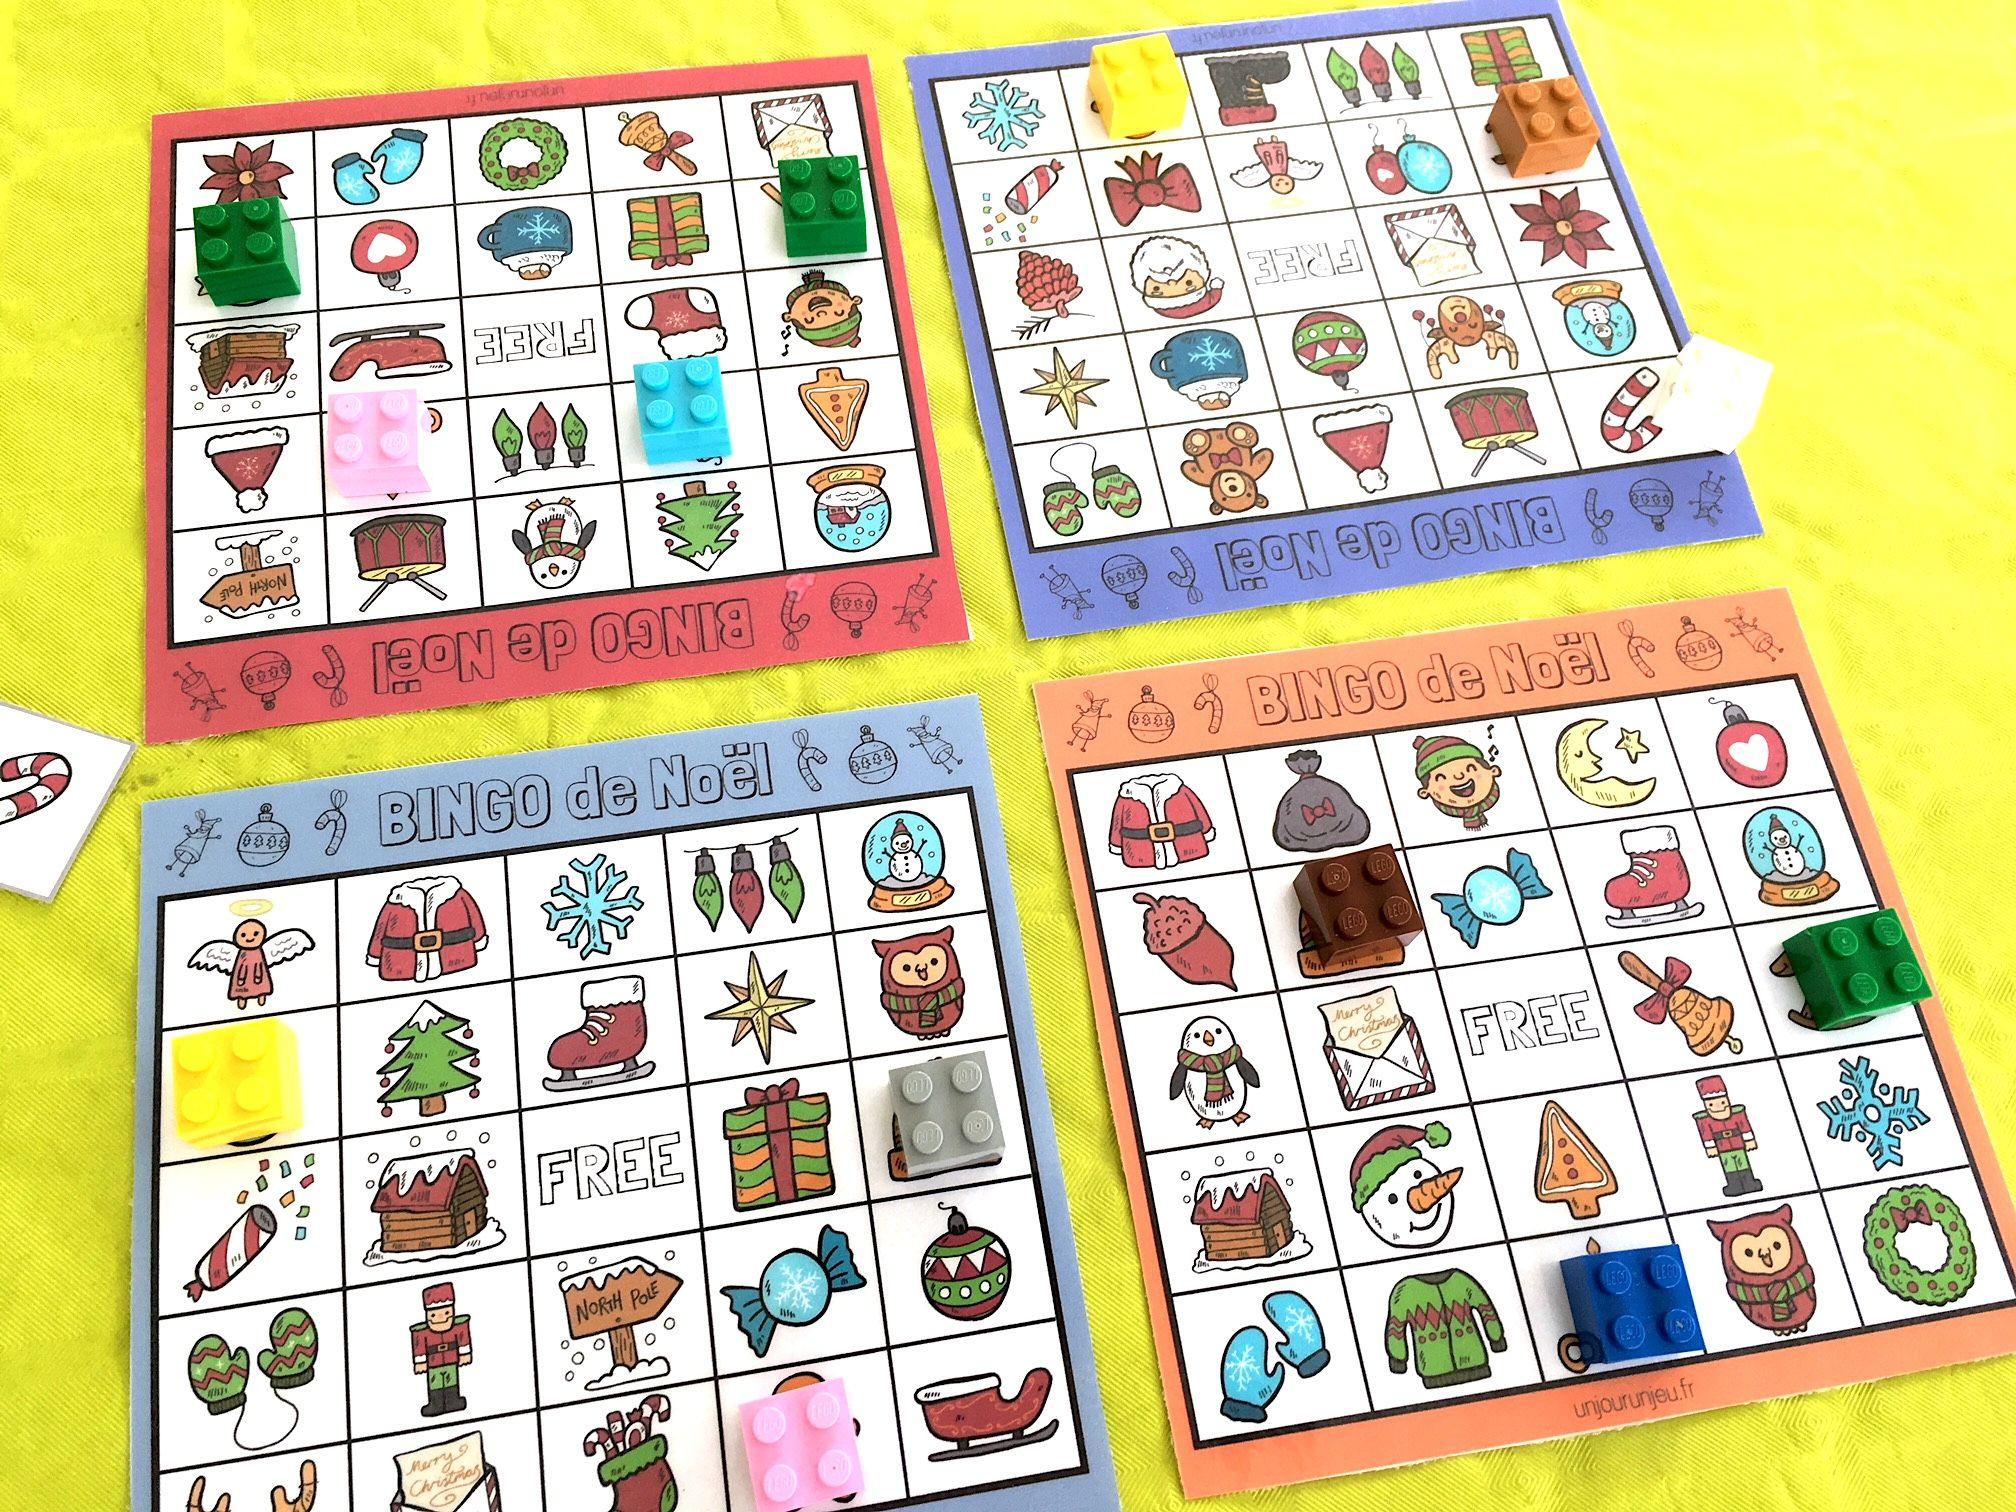 Jeu De Noël : Bingo À Télécharger Gratuitement Pour Vos destiné Jeux Societe Gratuit